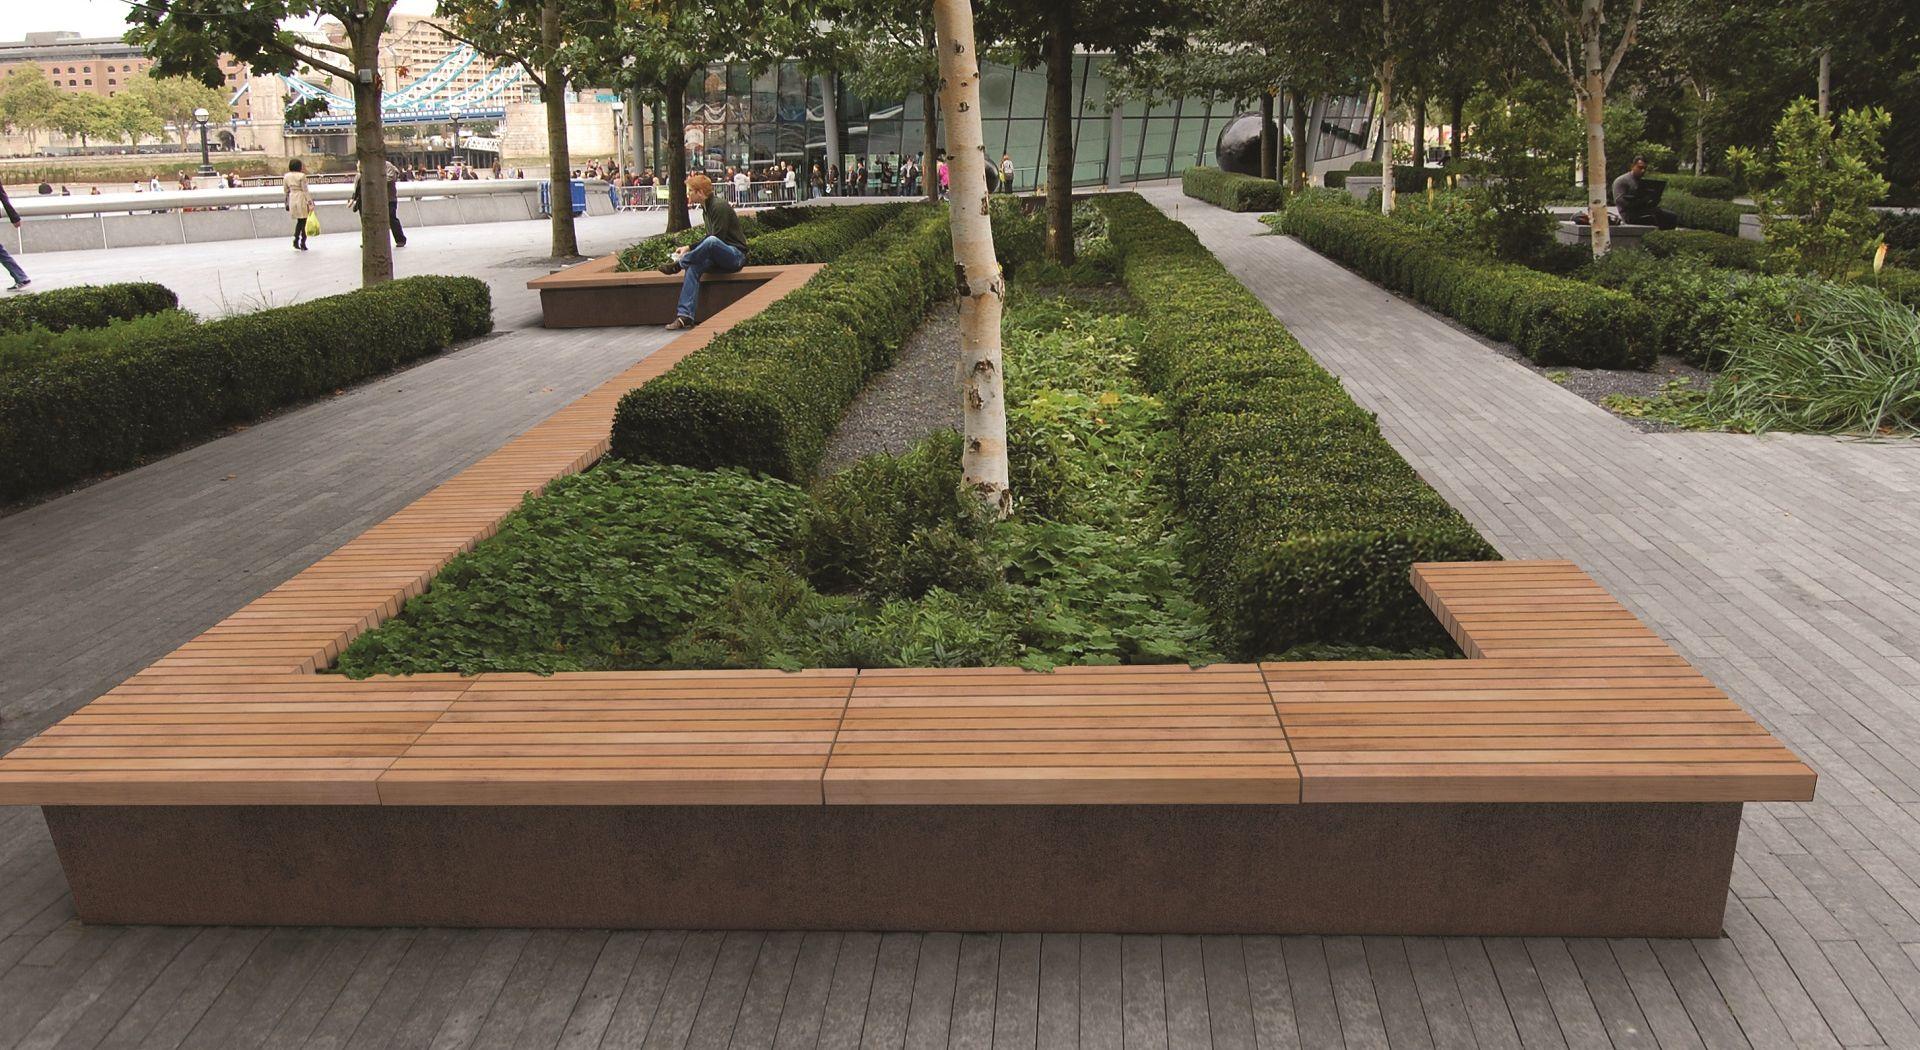 GRANDIFIORIERE banc jardiniere bois corten METALCO